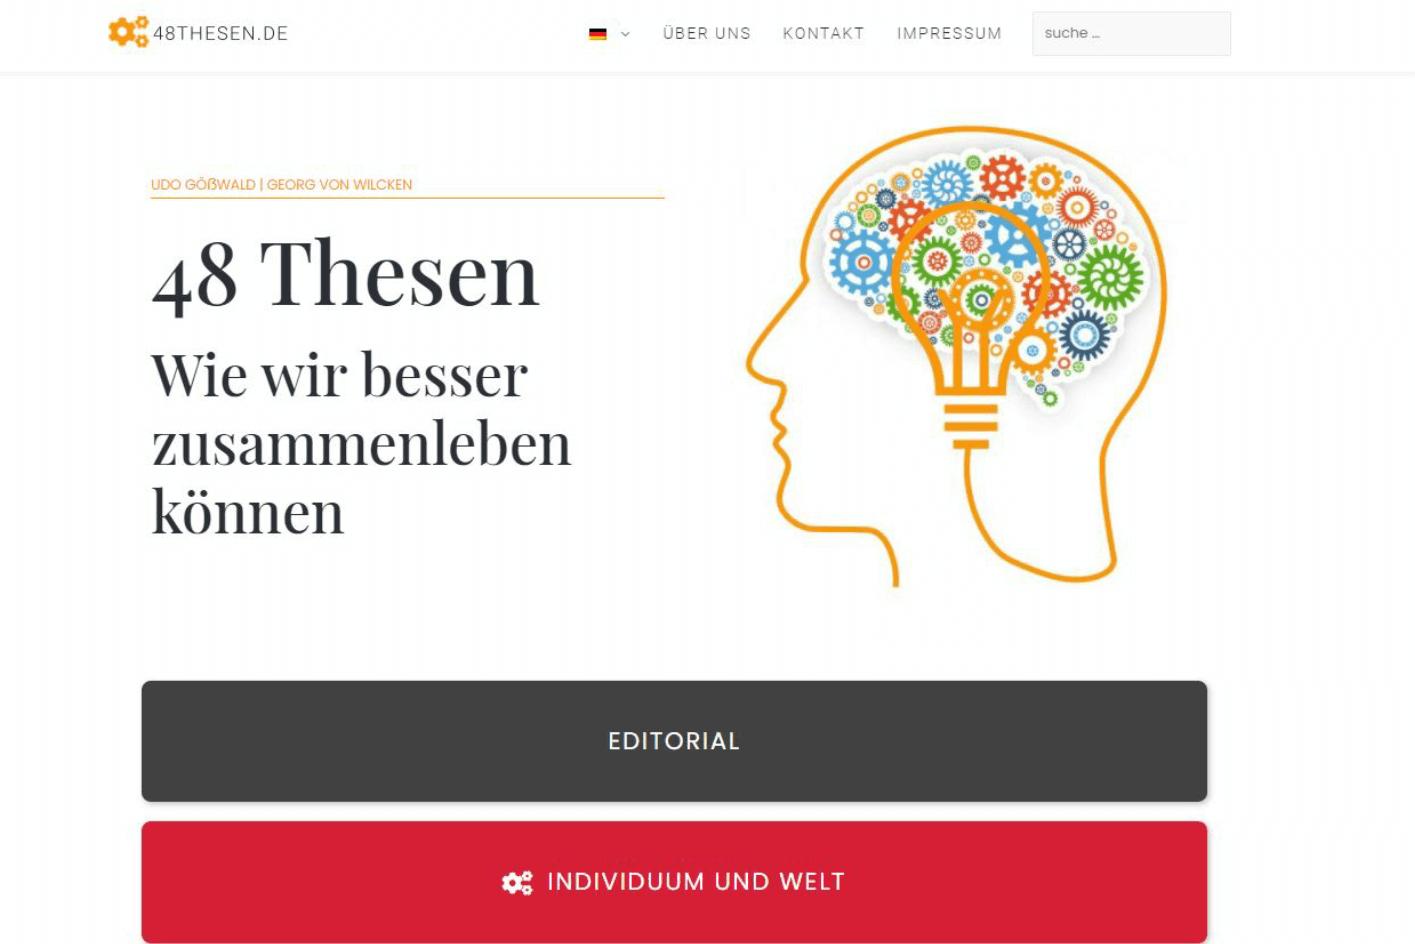 48thesen.de Referenz Webdesign WordPress von ankernet.de